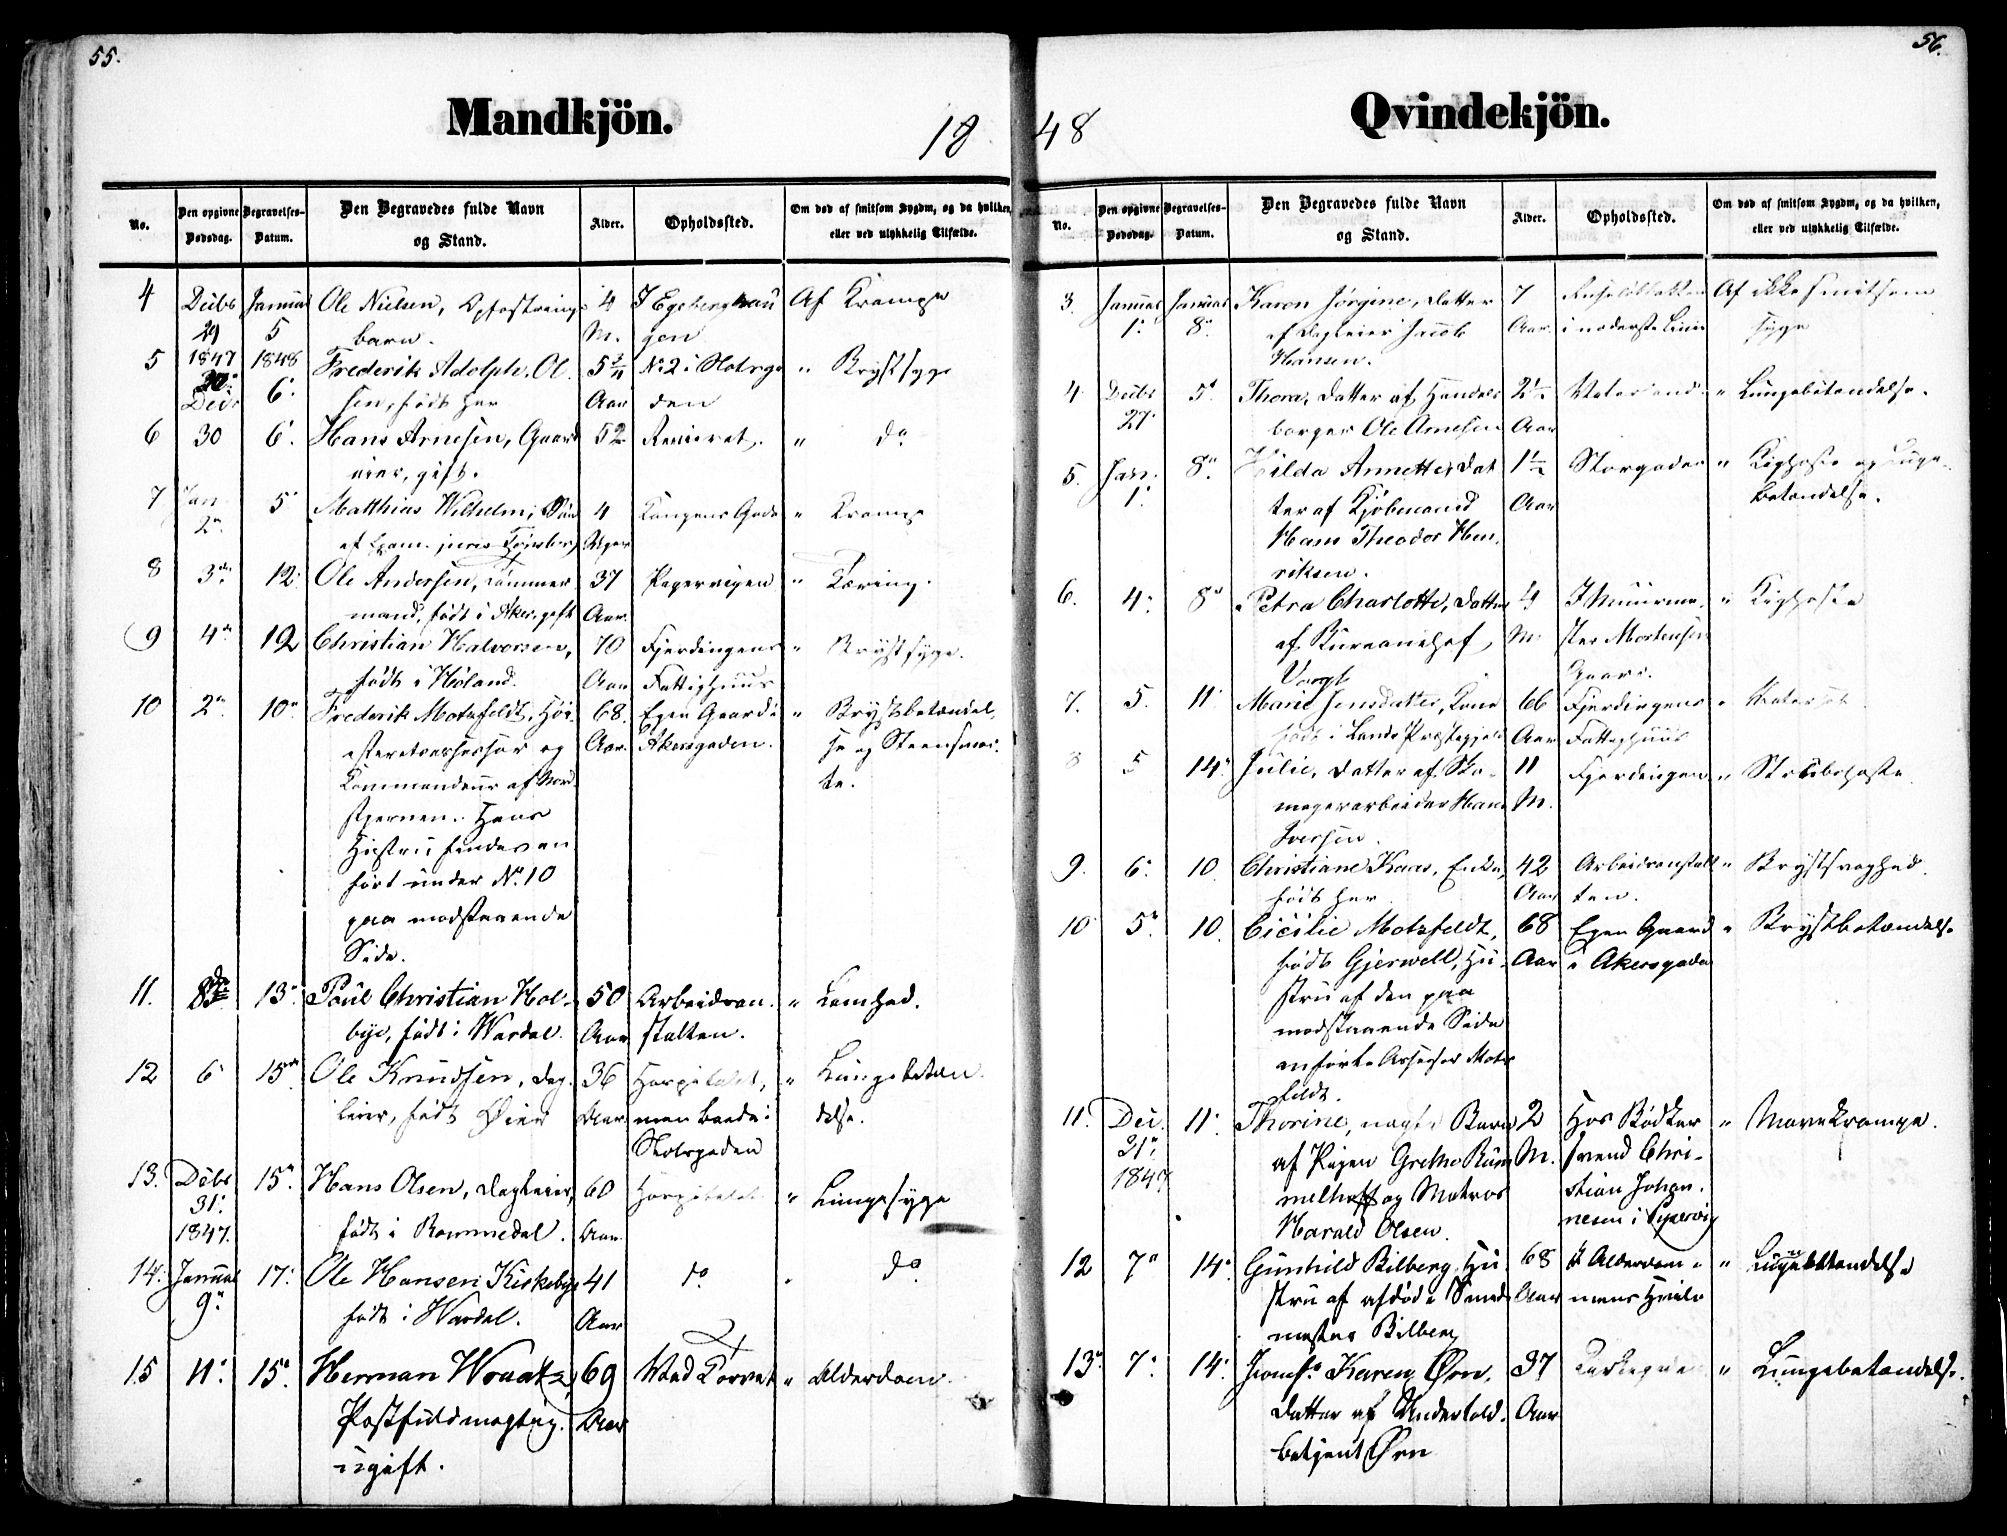 SAO, Oslo domkirke Kirkebøker, F/Fa/L0025: Ministerialbok nr. 25, 1847-1867, s. 55-56